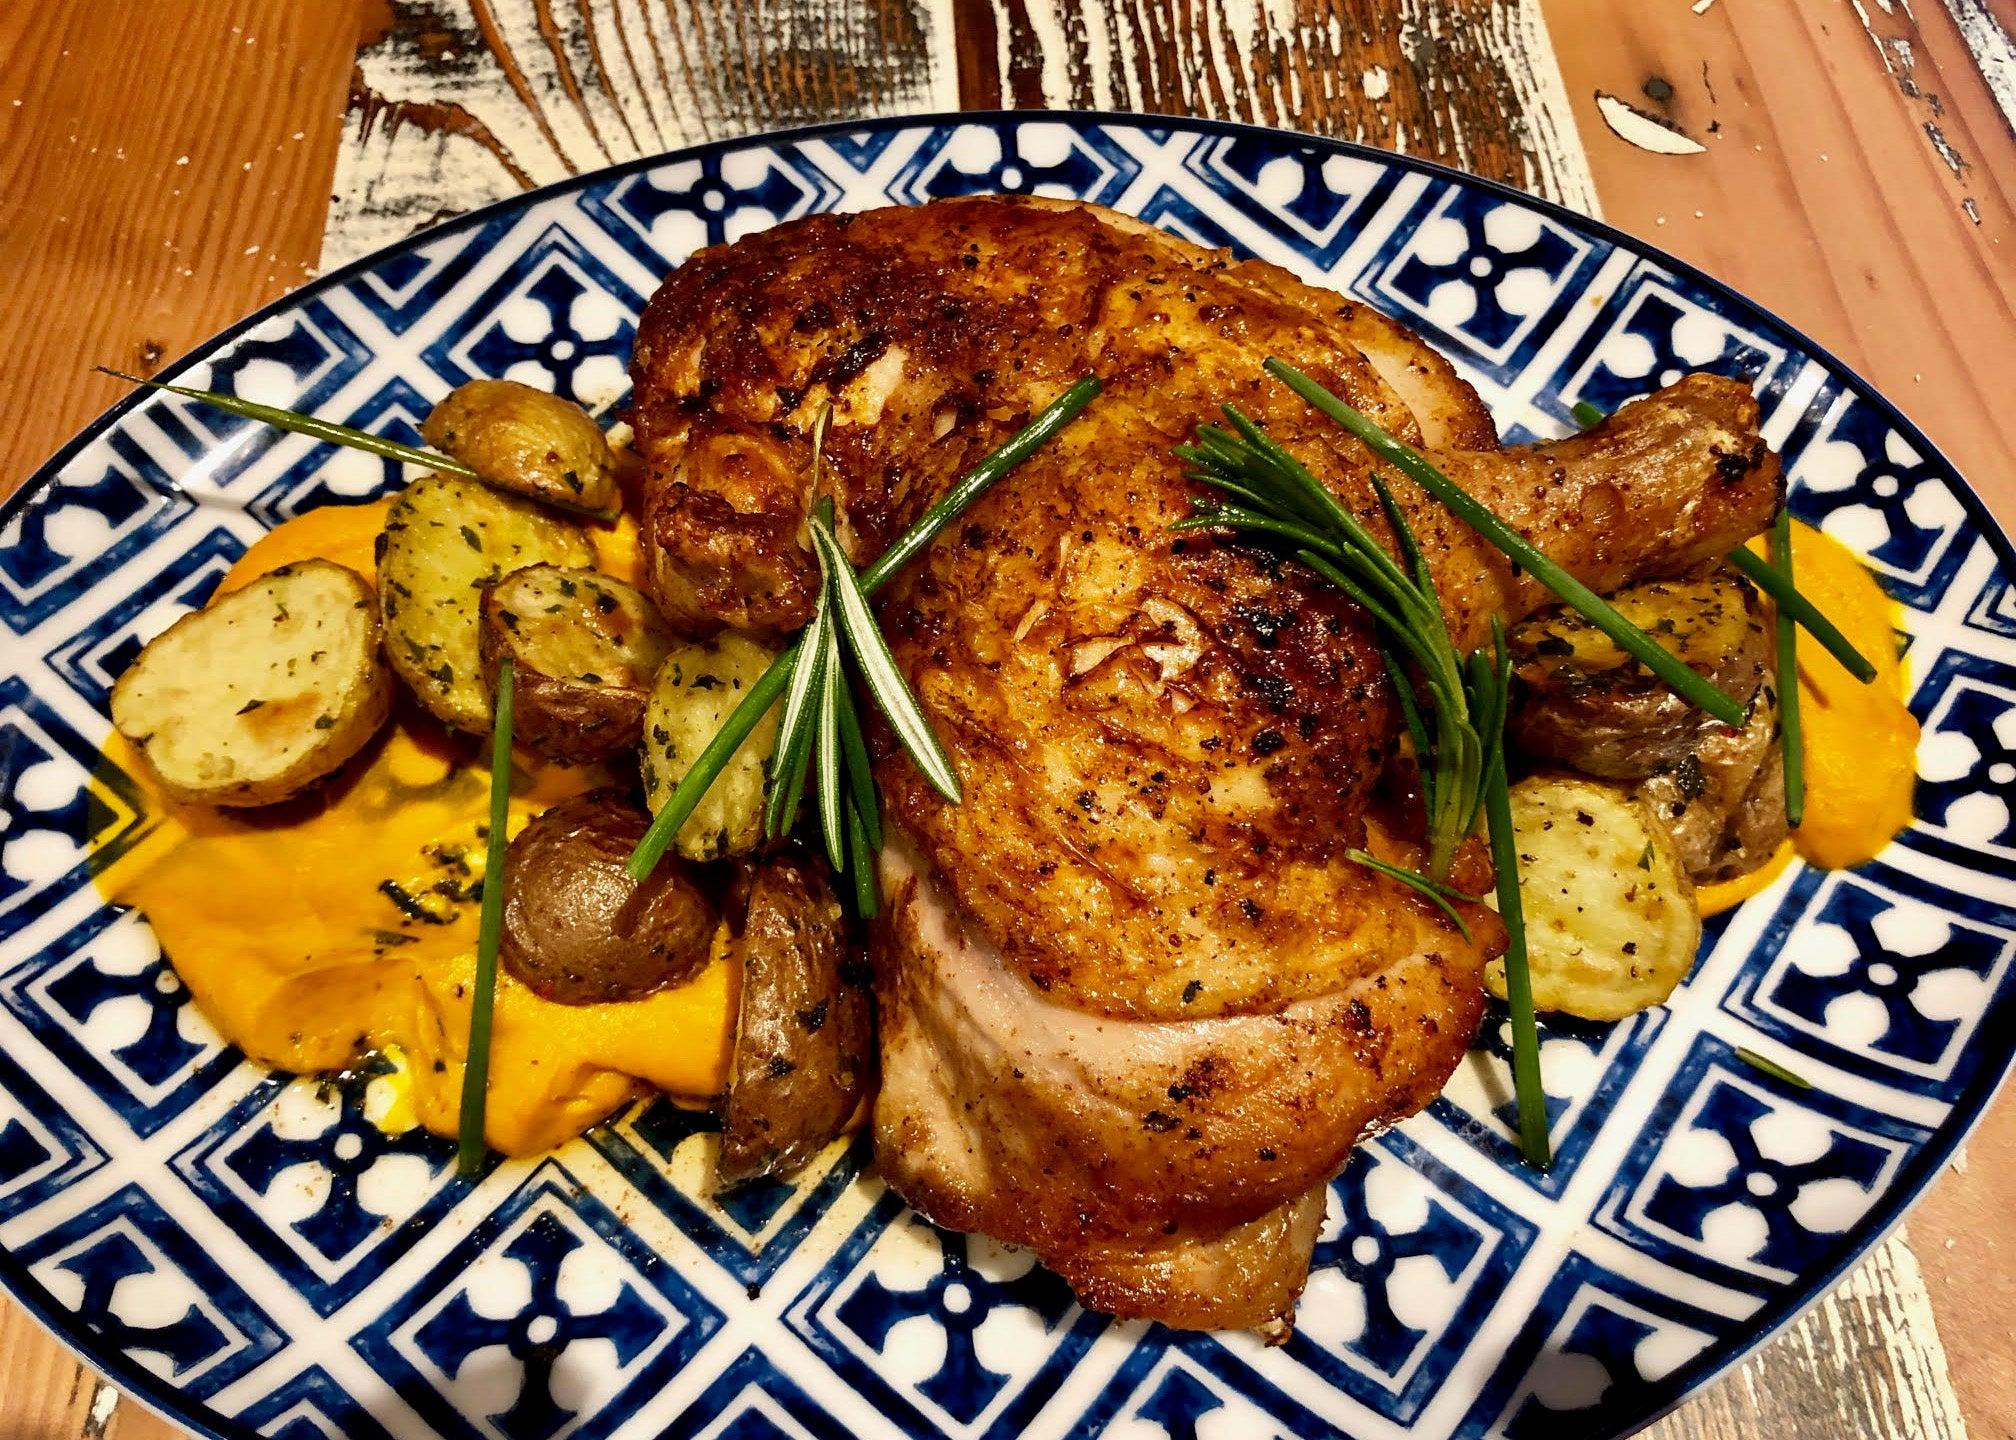 Brick chicken at Bar Mercato